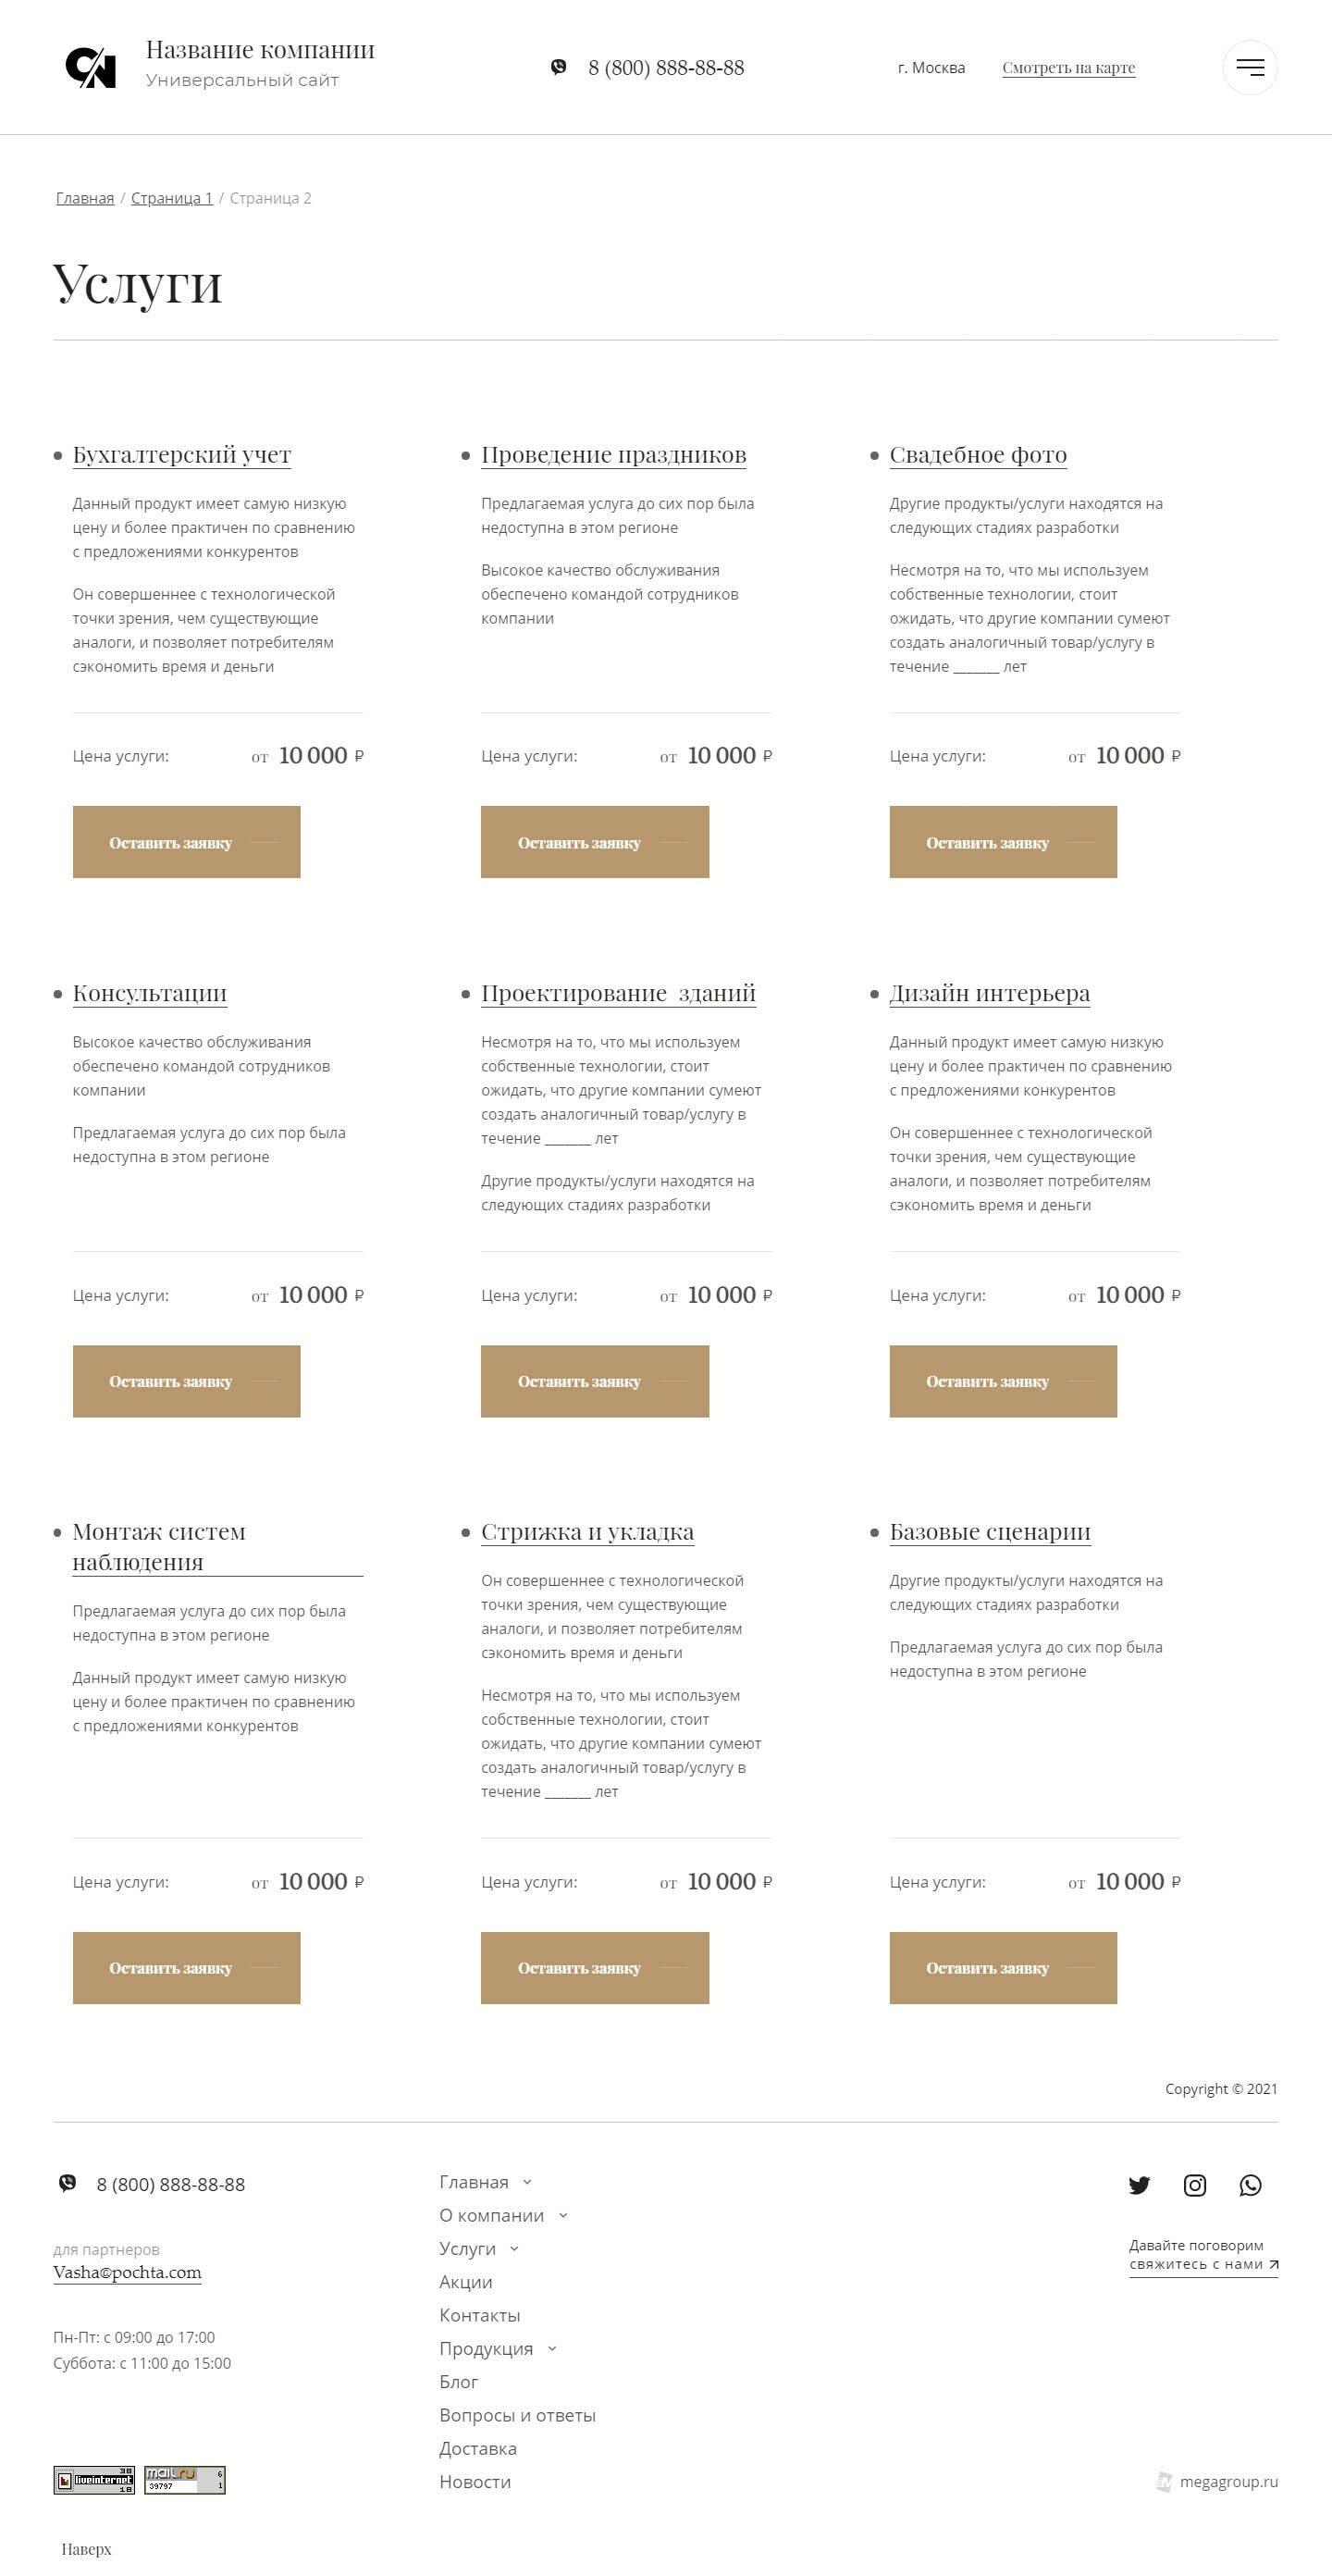 Готовый Сайт-Бизнес #2990750 - Универсальный дизайн (Услуги)